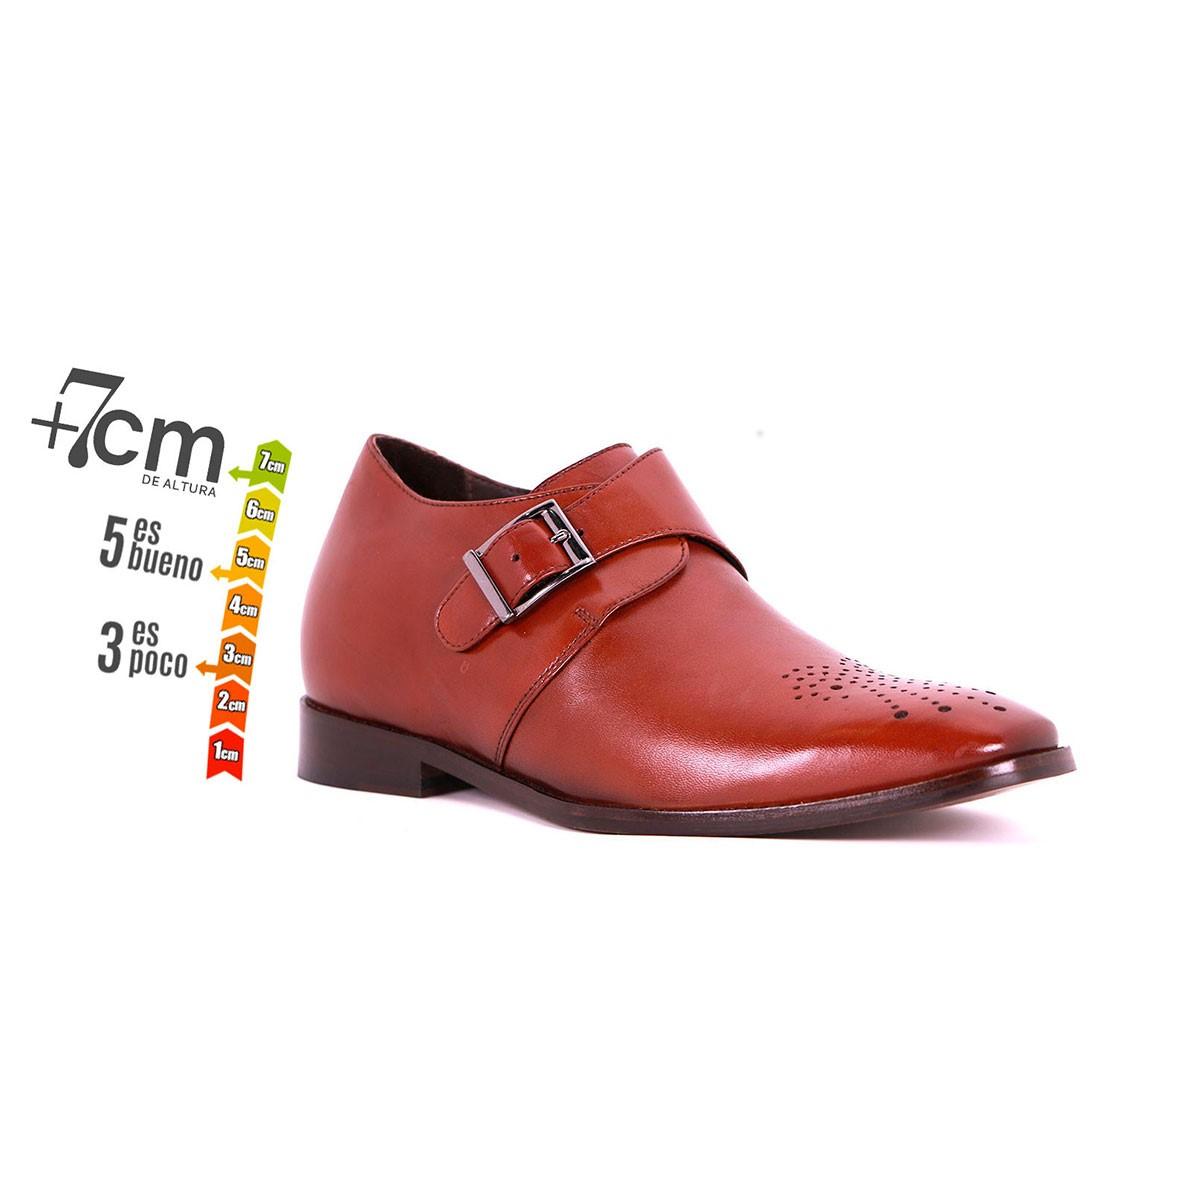 Zapato Formal Gentleman Café Oscuro Max Denegri +7cms de Altura_74260